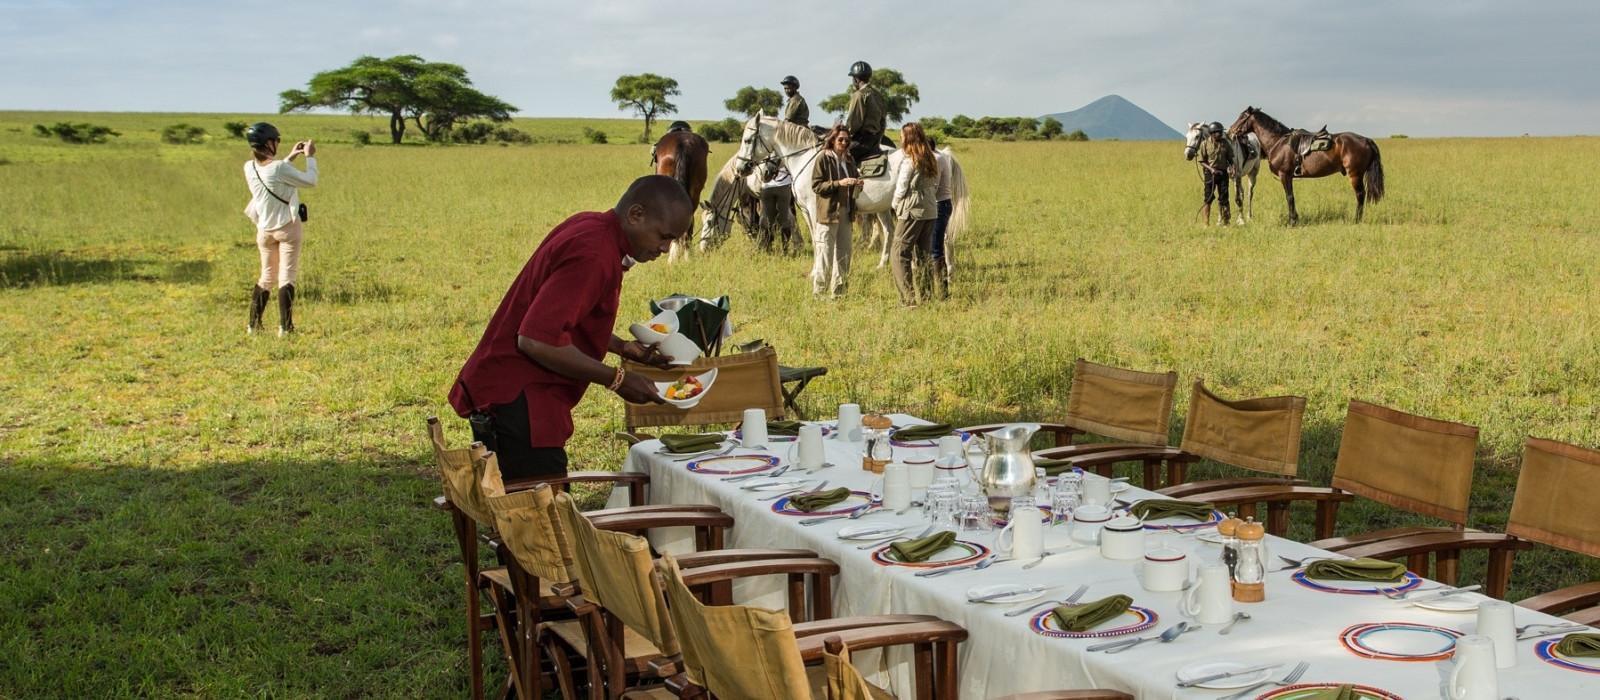 Hotel Ol Donyo Wuas Kenia